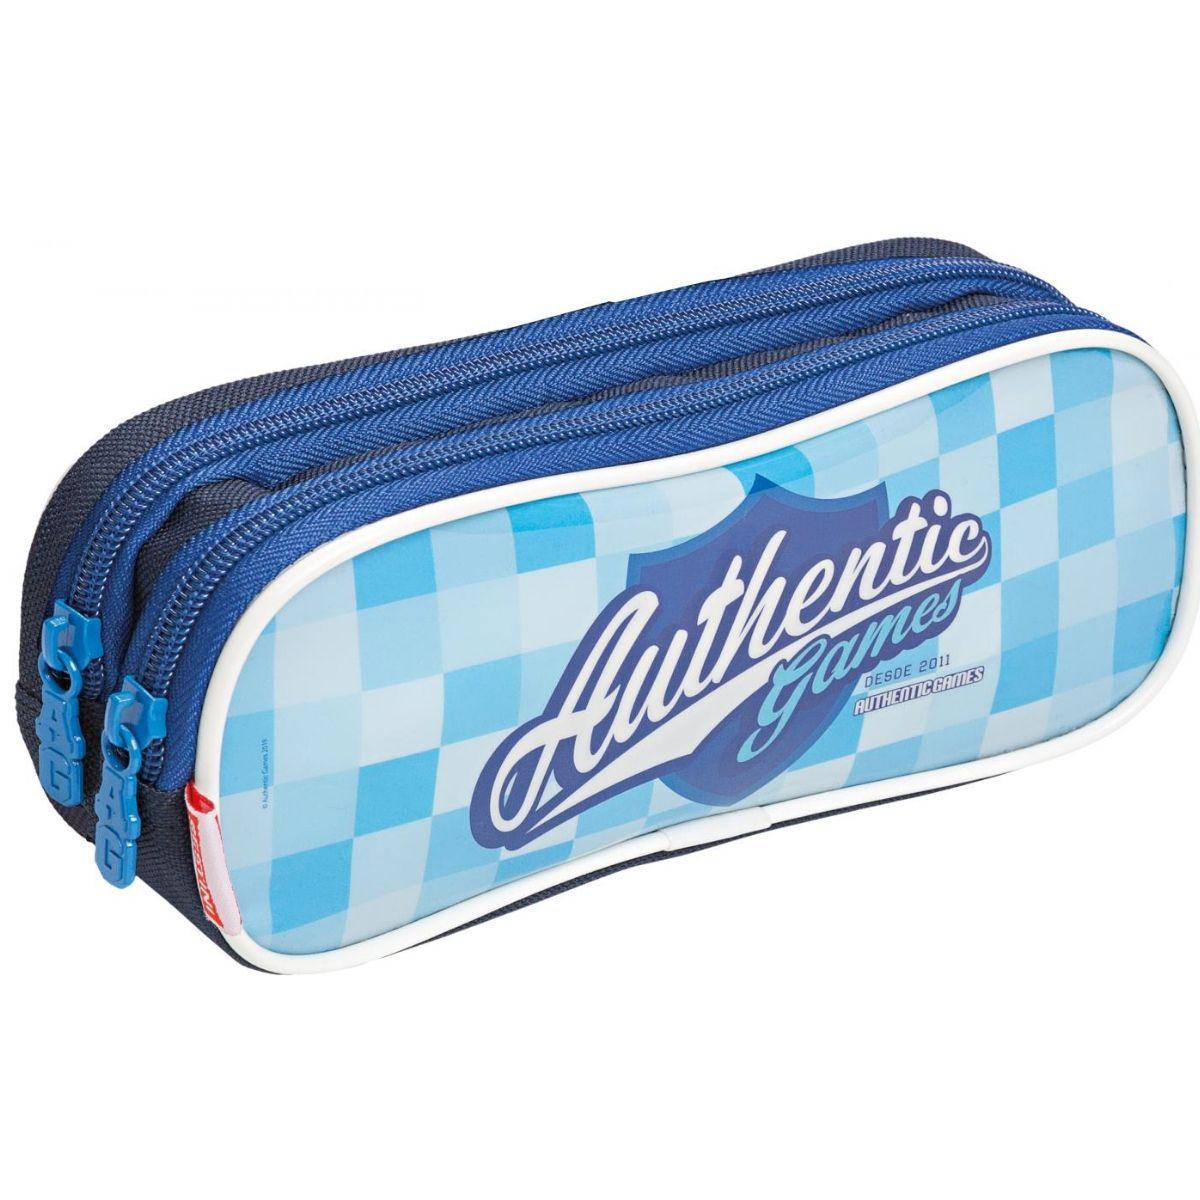 Estojo Escolar Infantil Authentic Games Azul 20Y Sestini - 065568-00